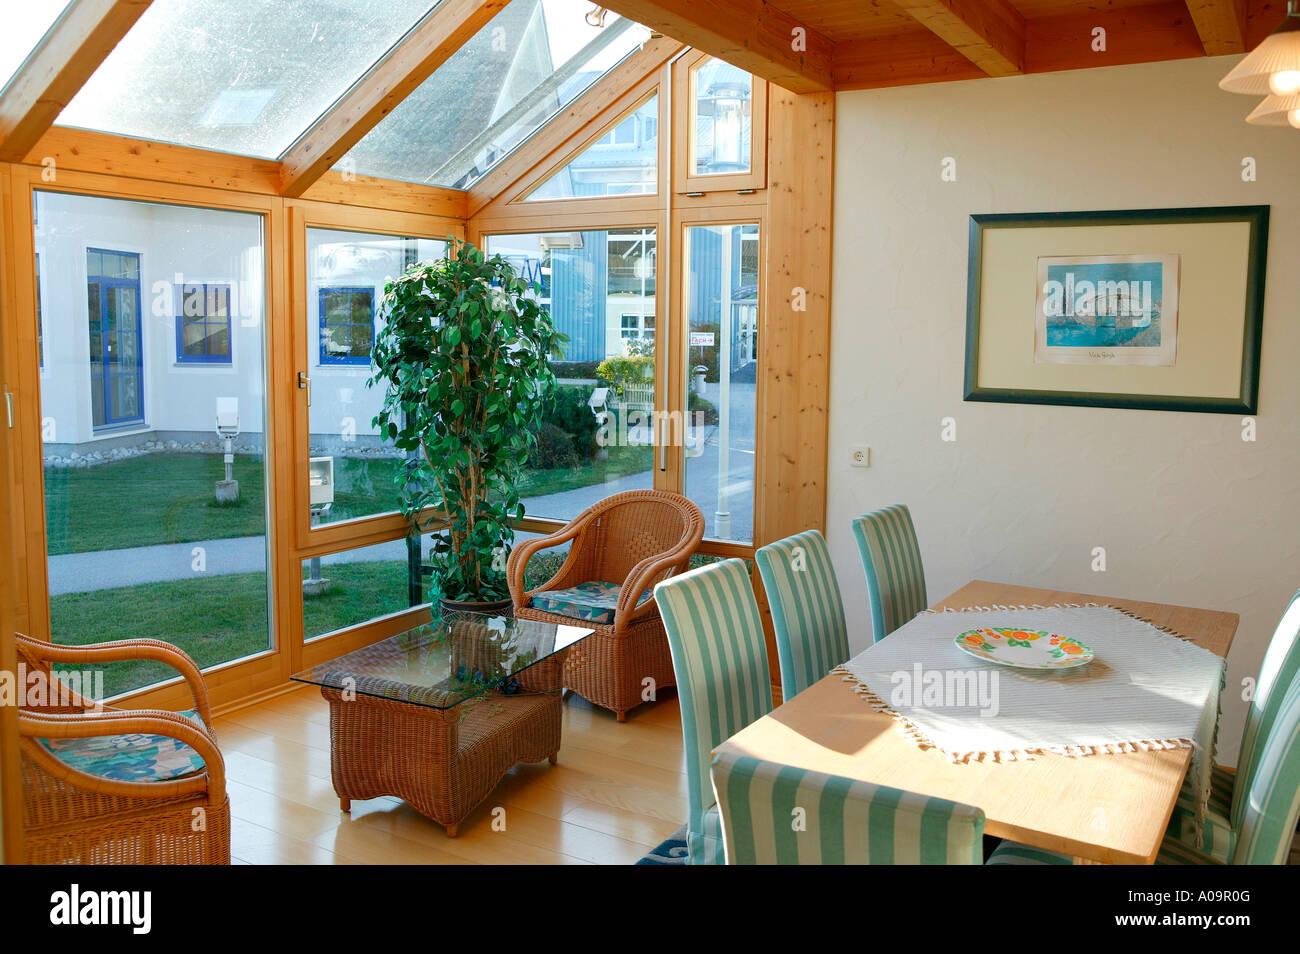 Einfamilienhaus Innen Wohnraum Wintergarten Family Home